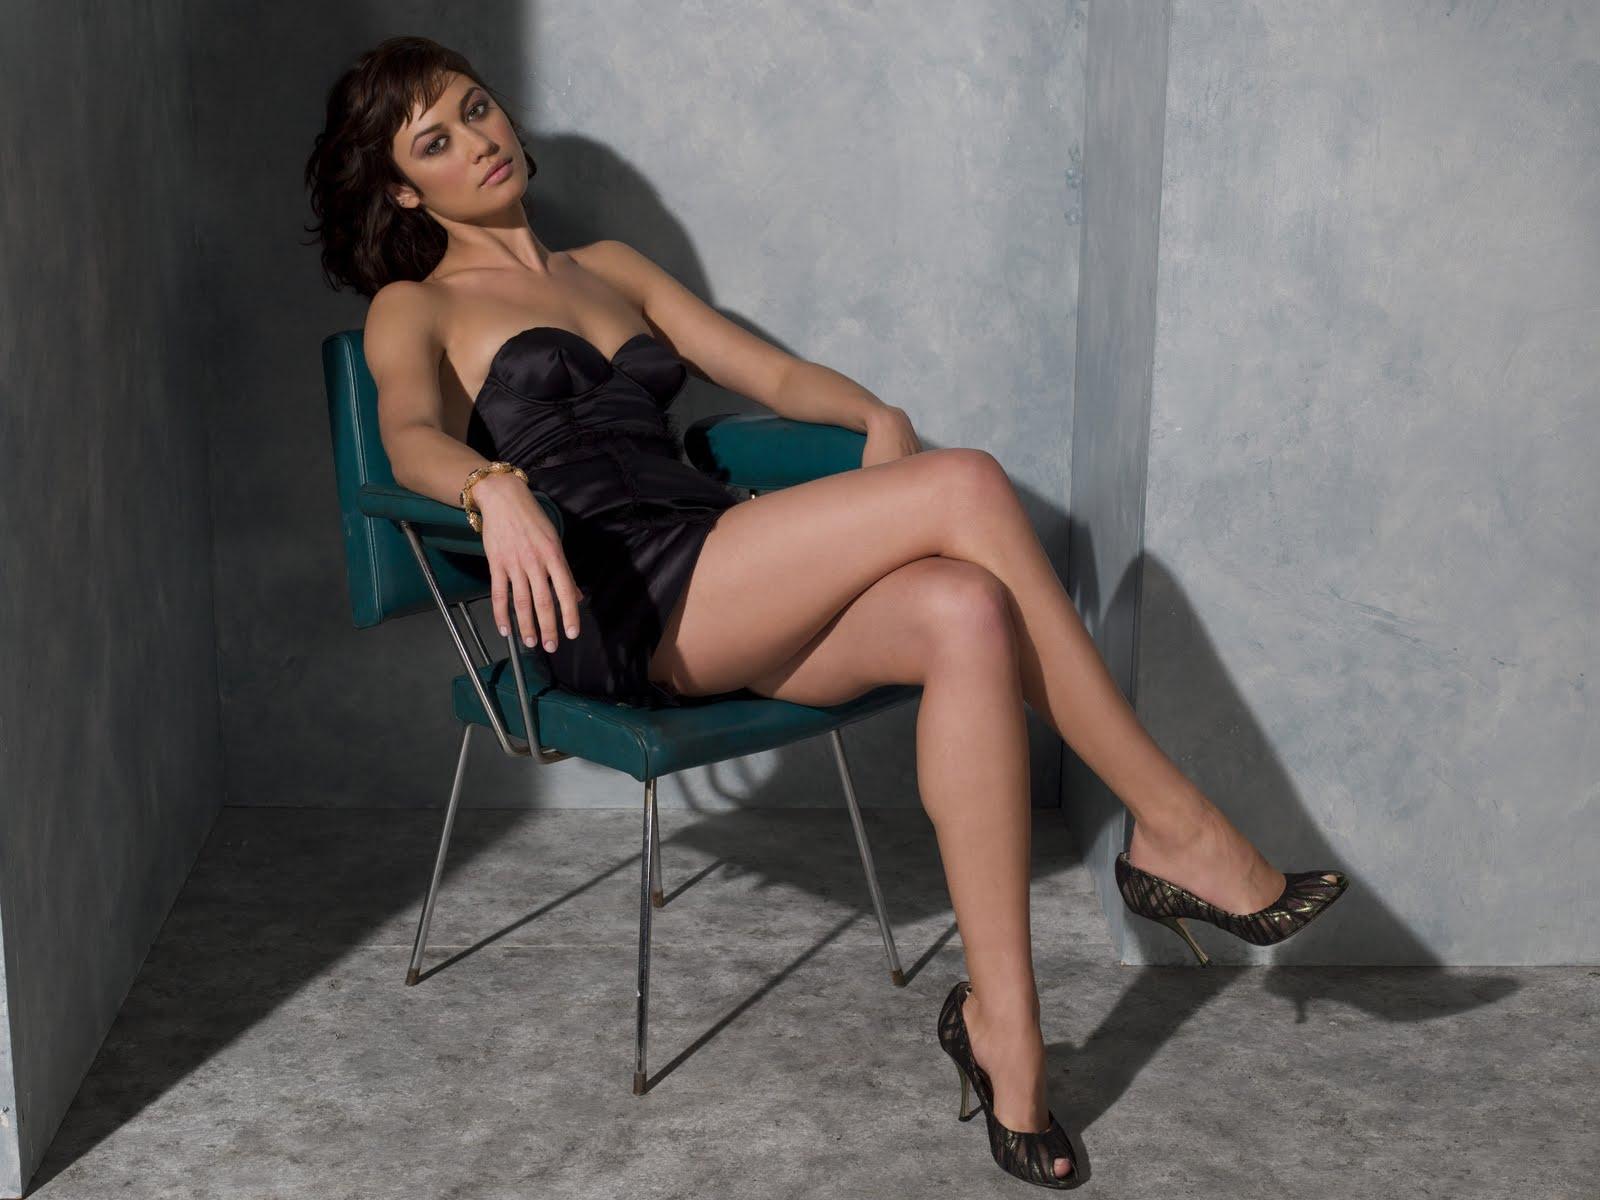 Olga Kurylenko legs 1600x1200